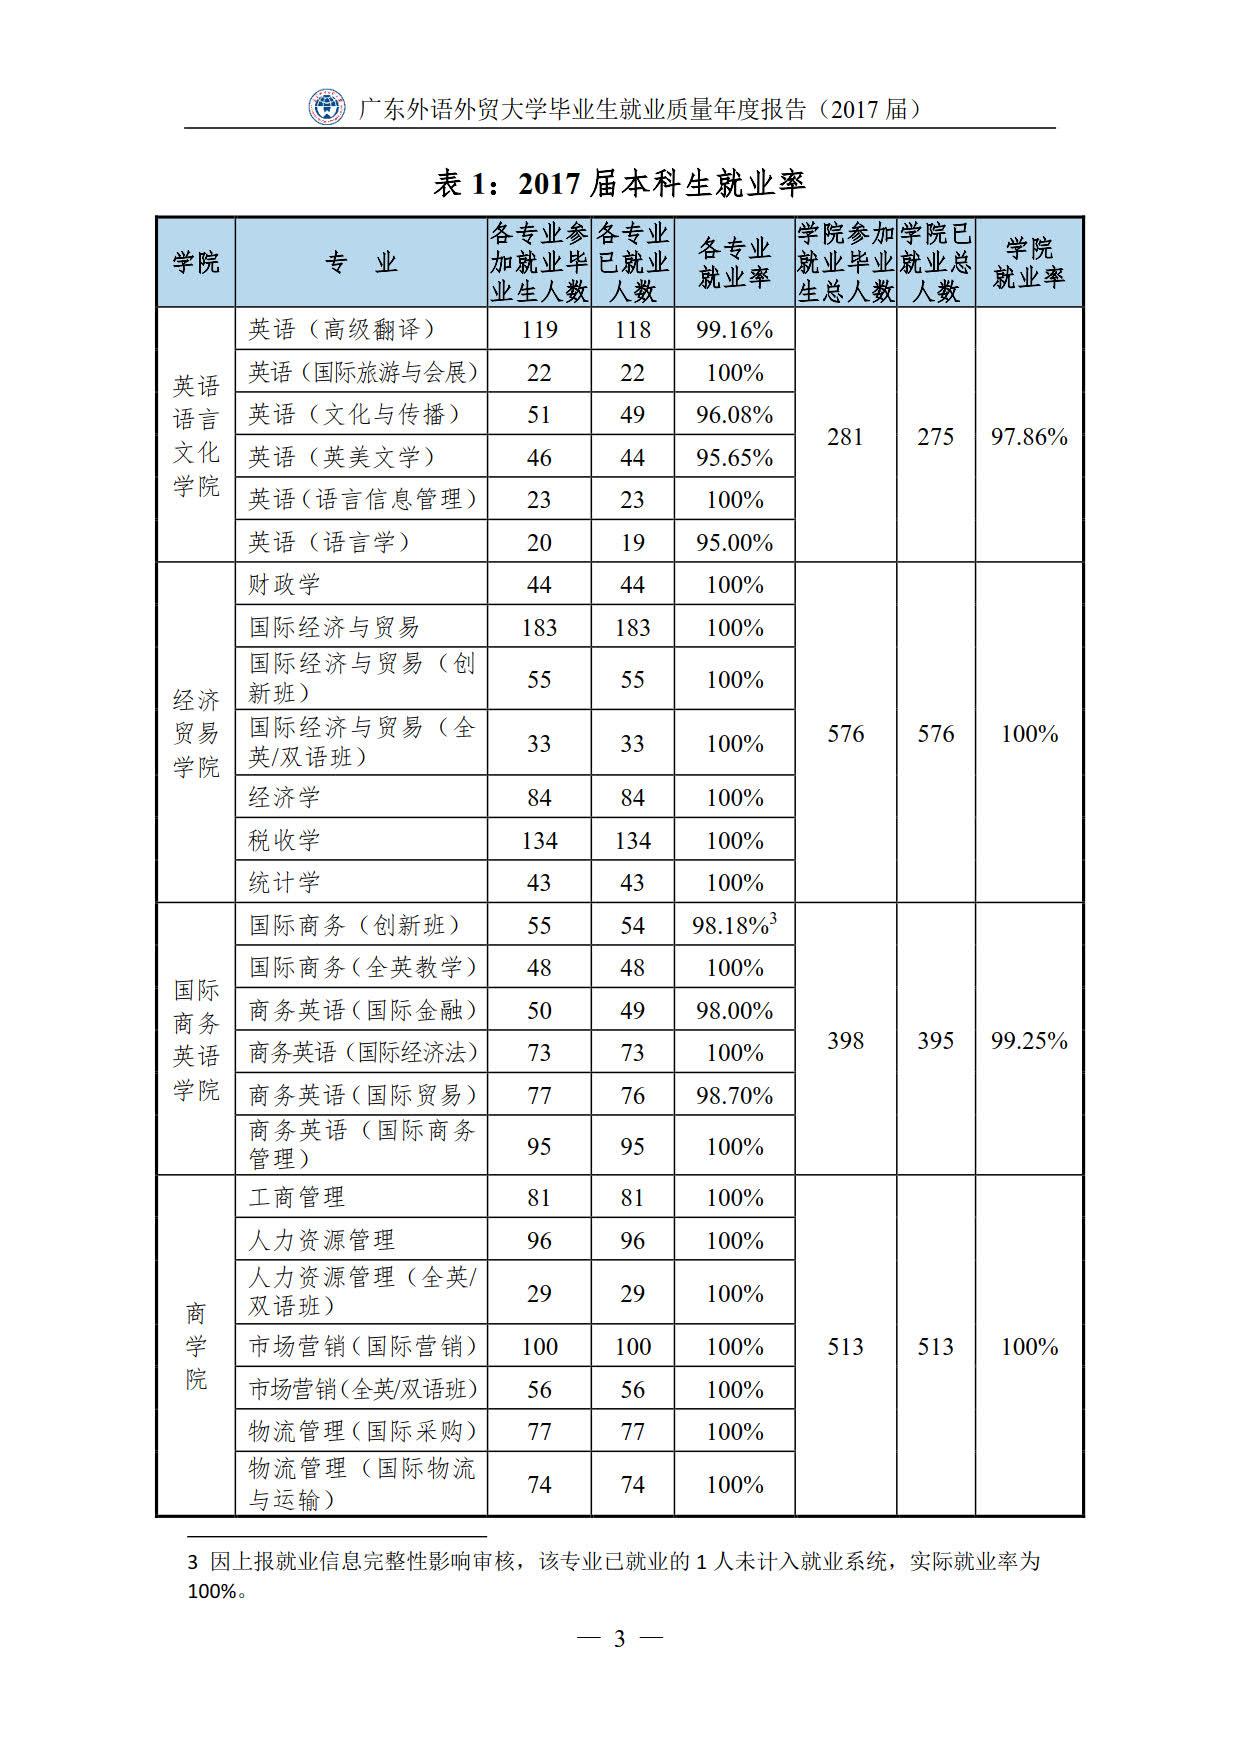 广东外语外贸大学2017届本科毕业生最终就业情况统计表